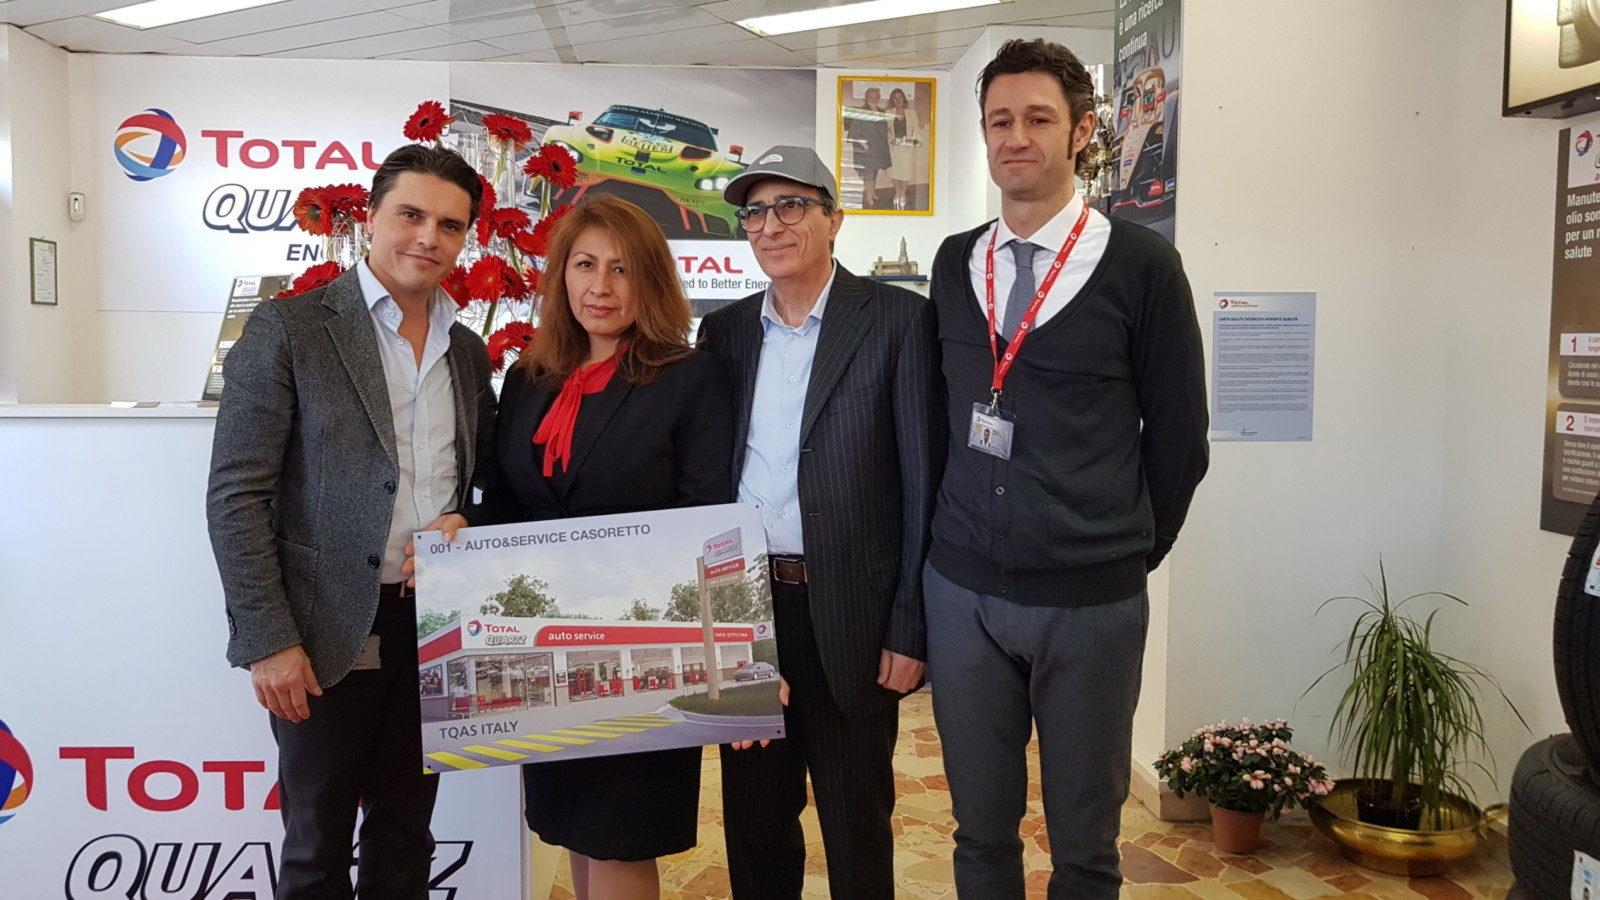 Inaugurazione prima Total Quartz Auto Service_foto di gruppo